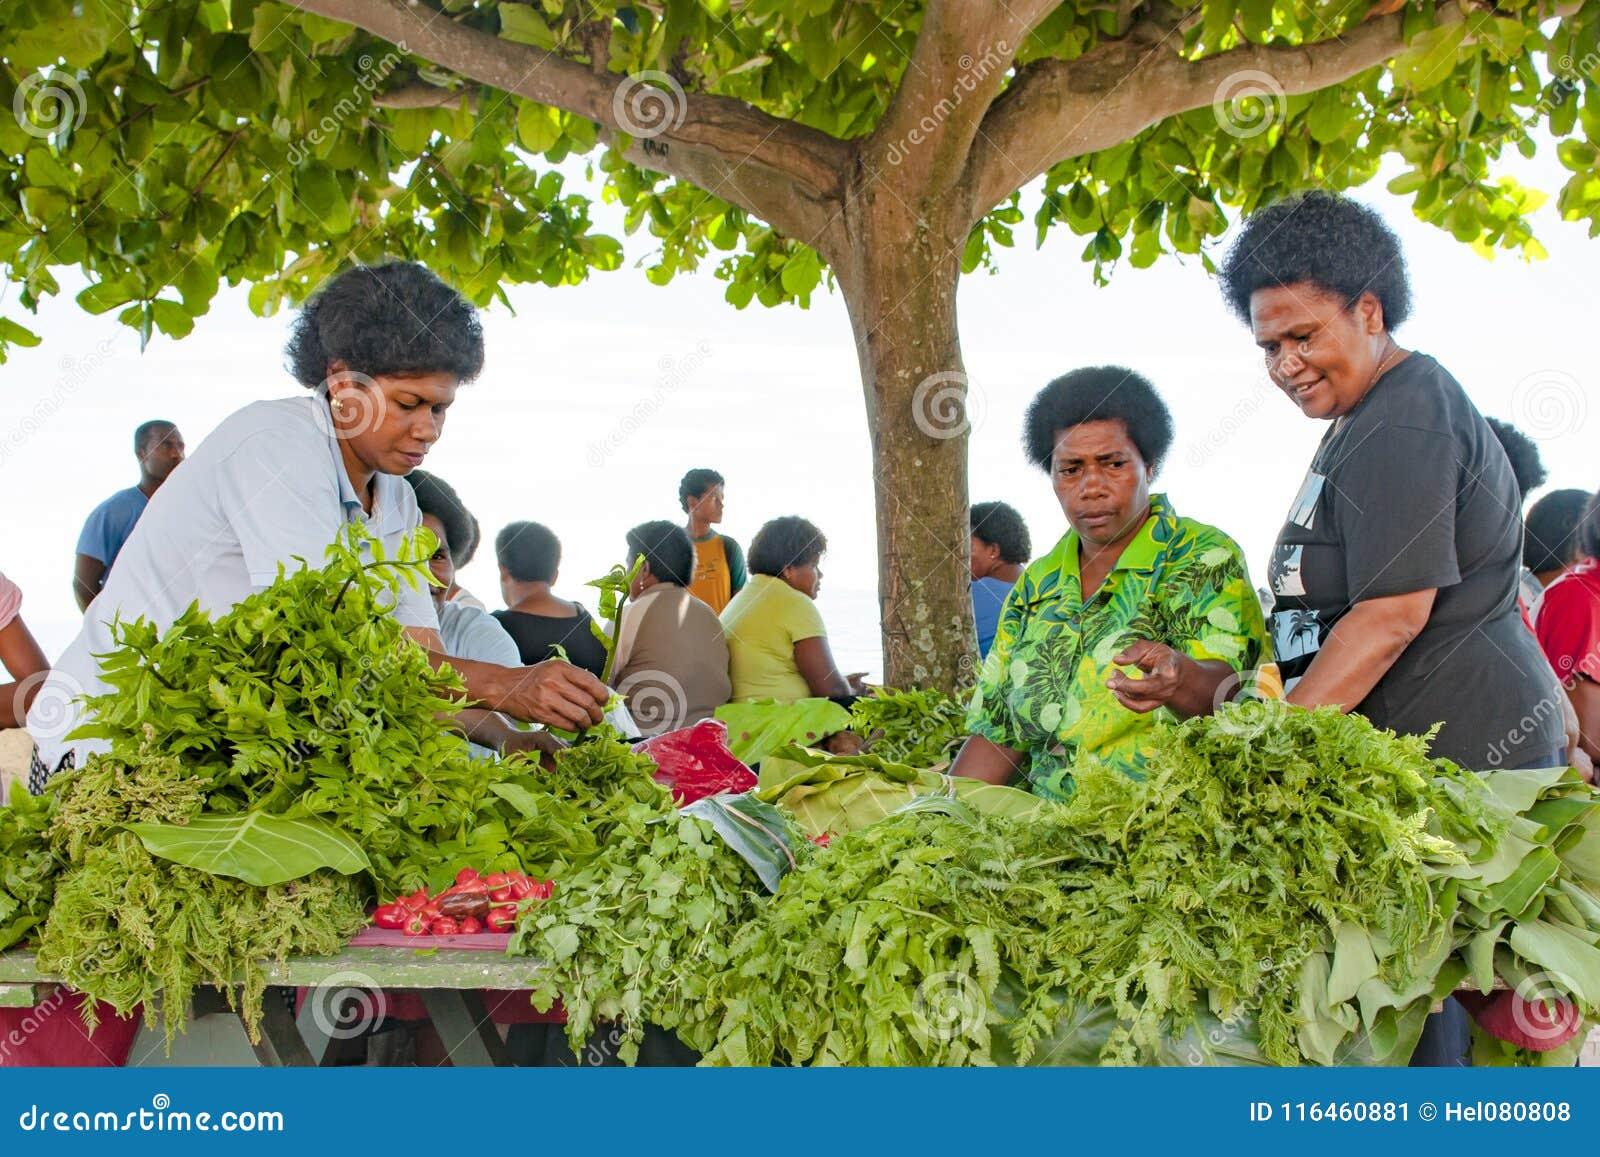 Świeża zielona sałatka i warzywa w cieniu liście drzewo na tropikalnym rynku na wyspie w Pacyficznym oceanie